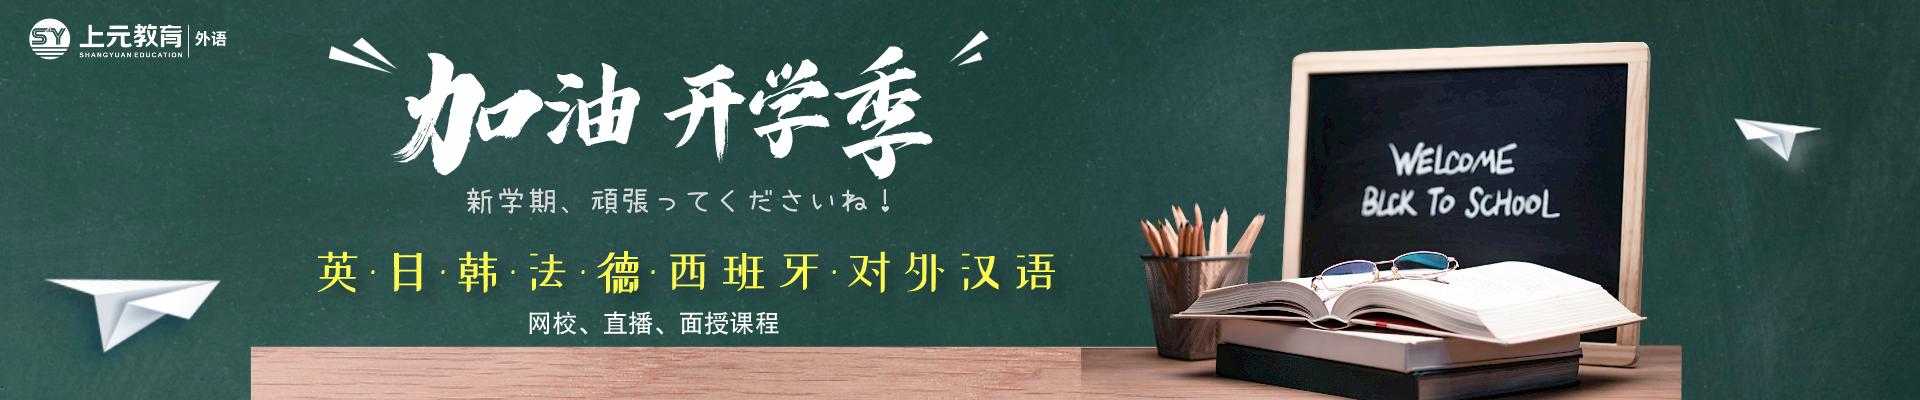 官网的banner图